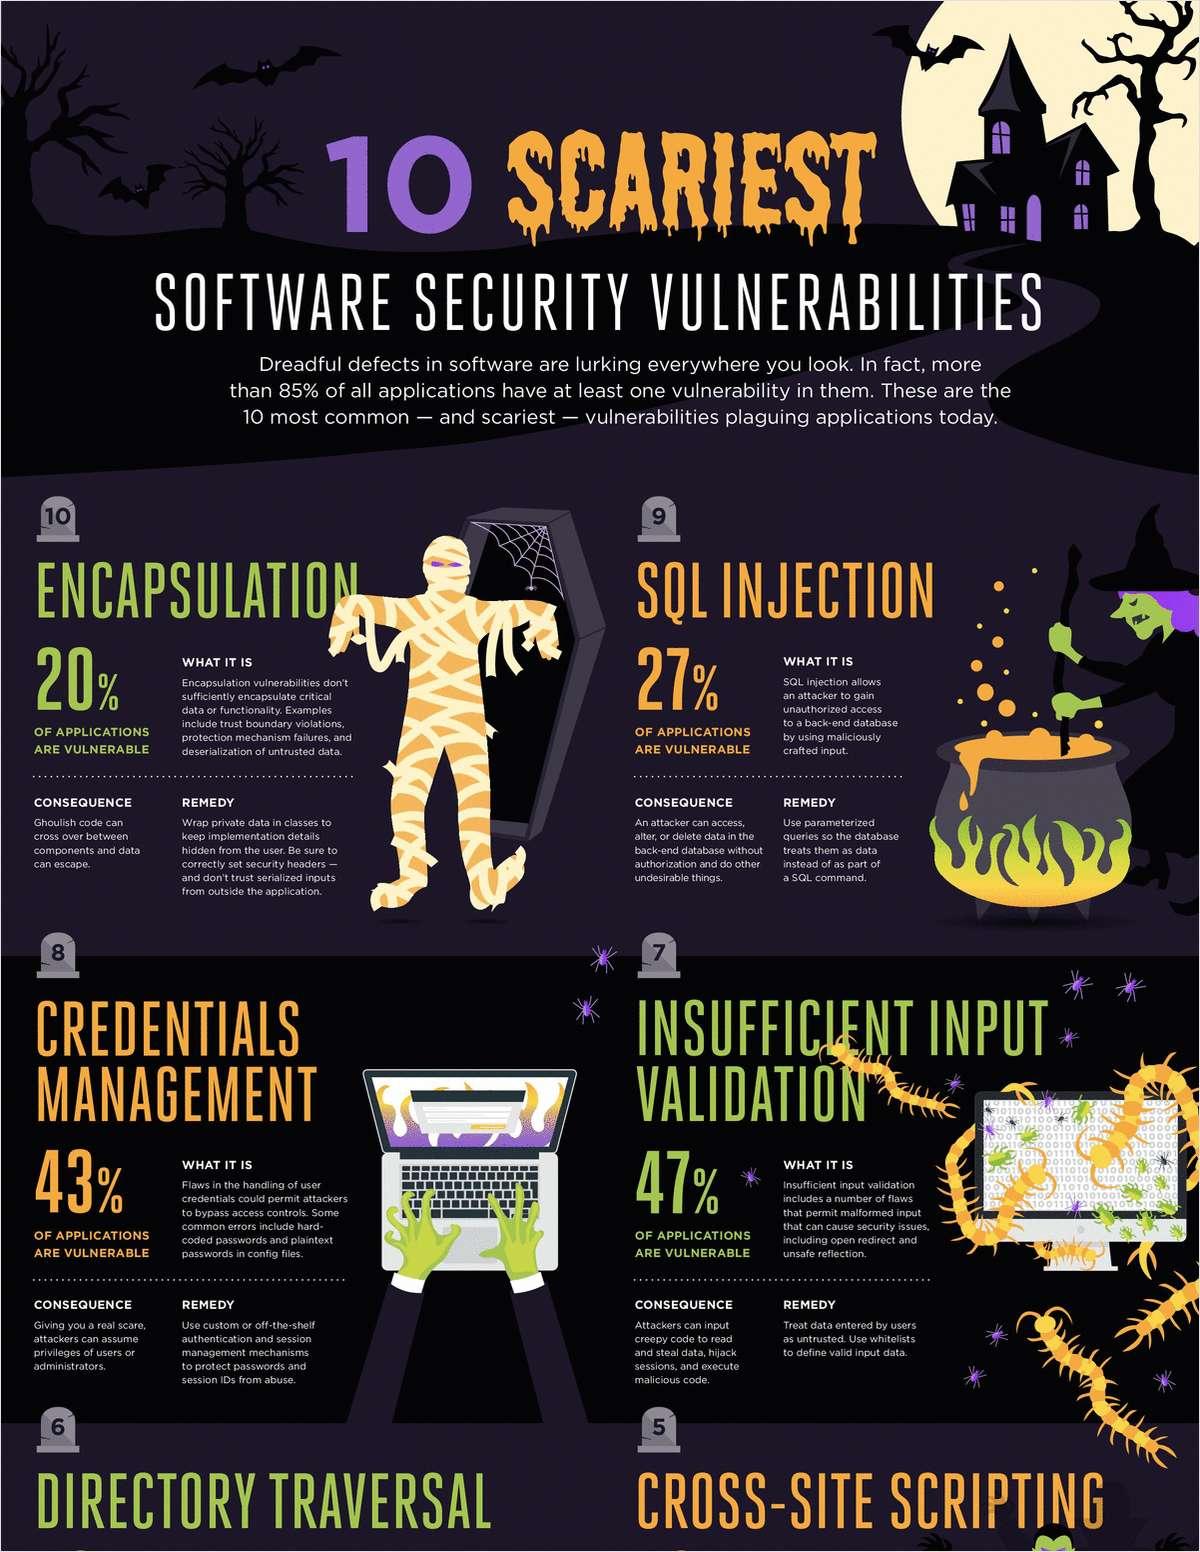 10 Scariest Software Vulnerabilities